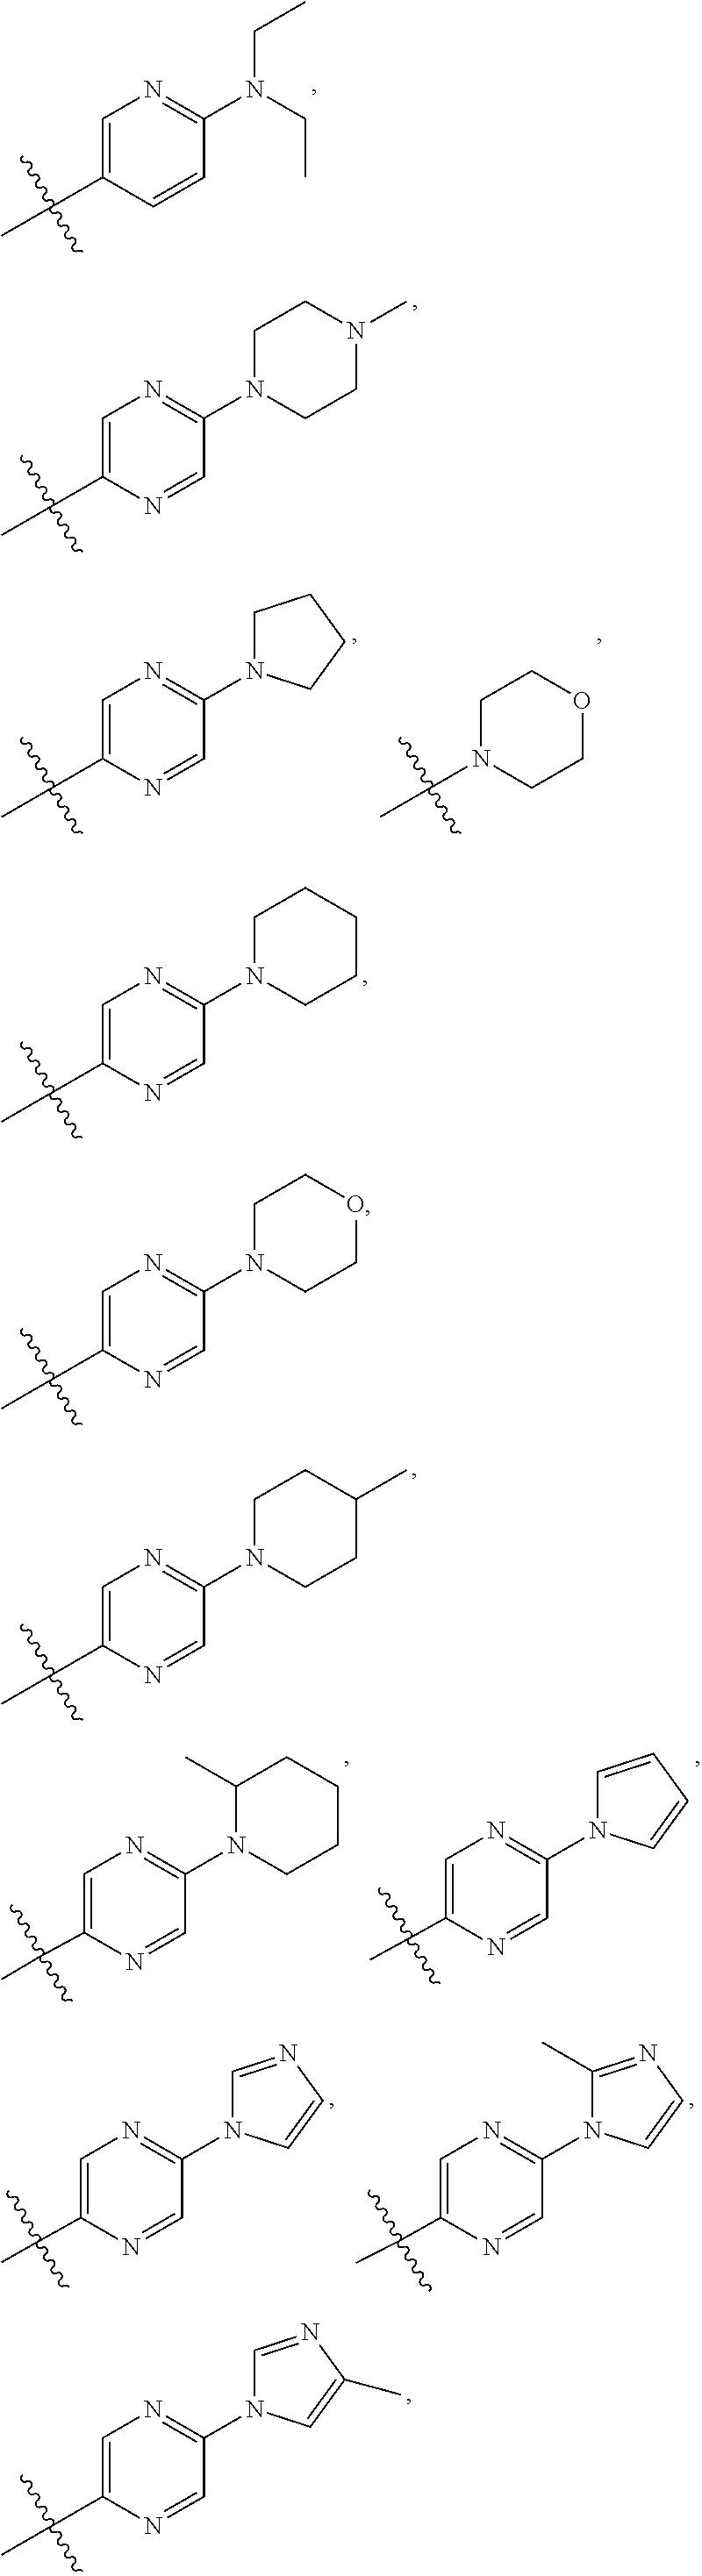 Figure US08940742-20150127-C00039